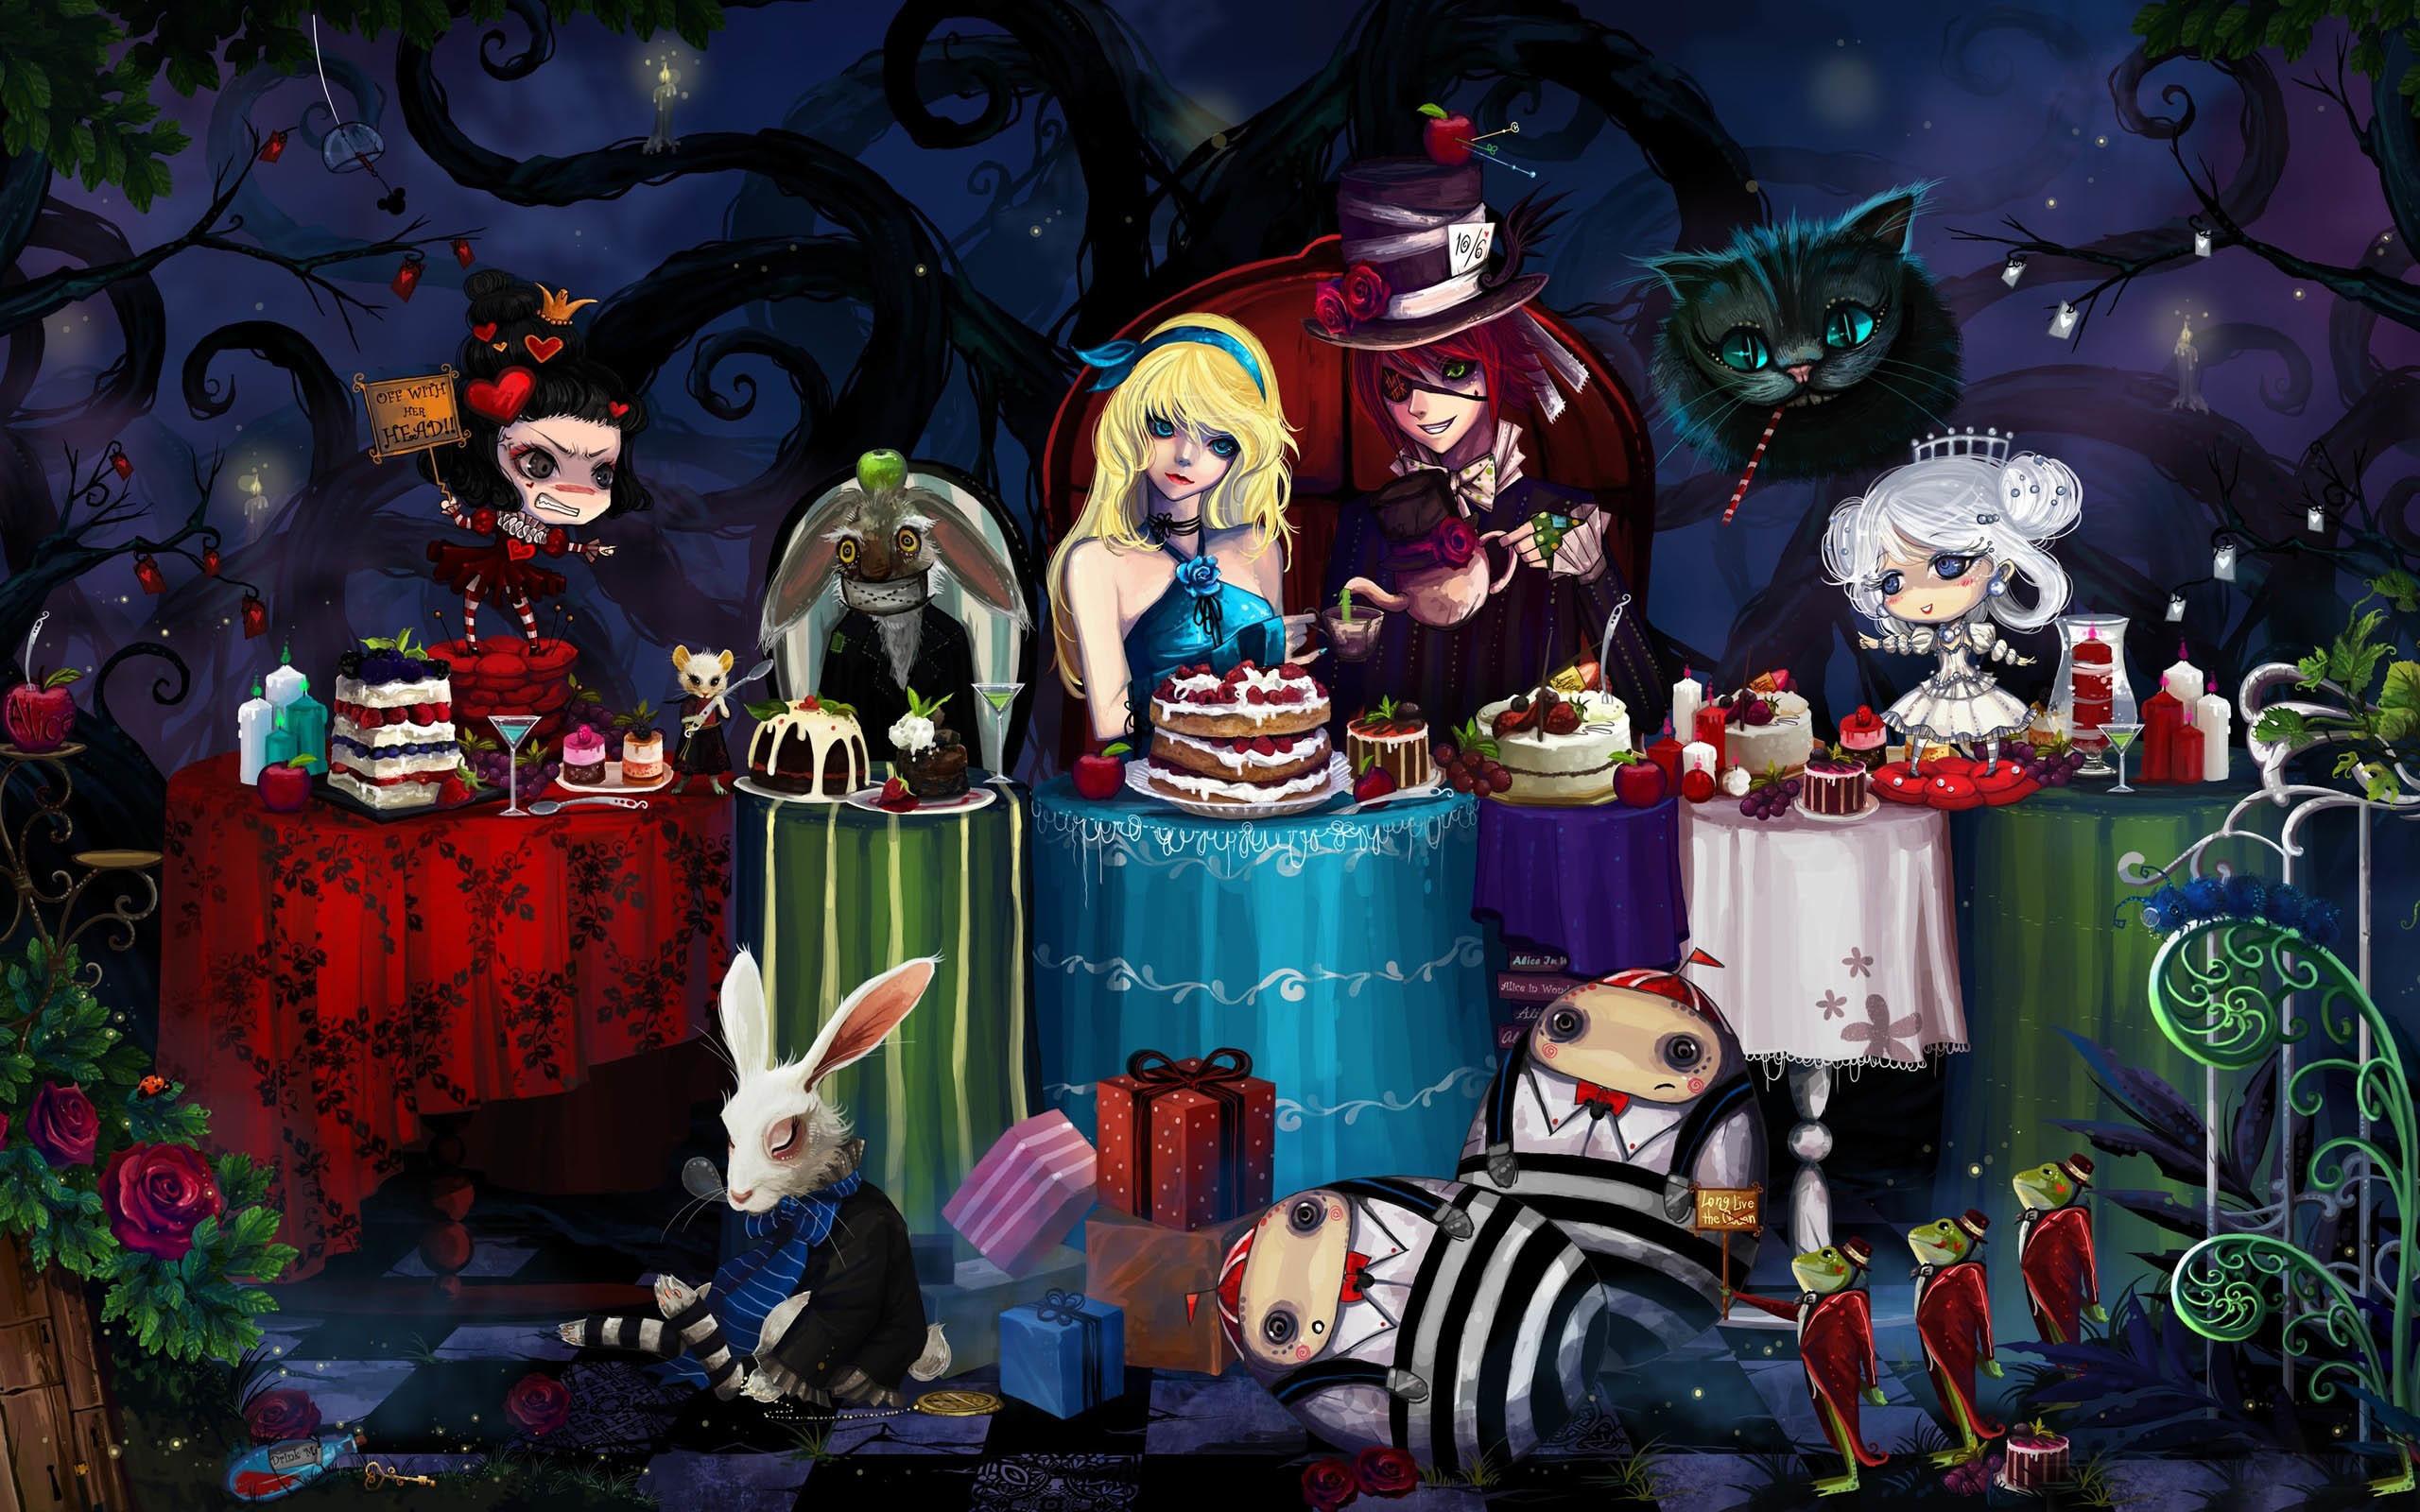 Wallpaper iphone alice wonderland - 2560x1600 Alice In Wonderland Iphone Wallpaper 62080 Wallpaper Lonidee Com